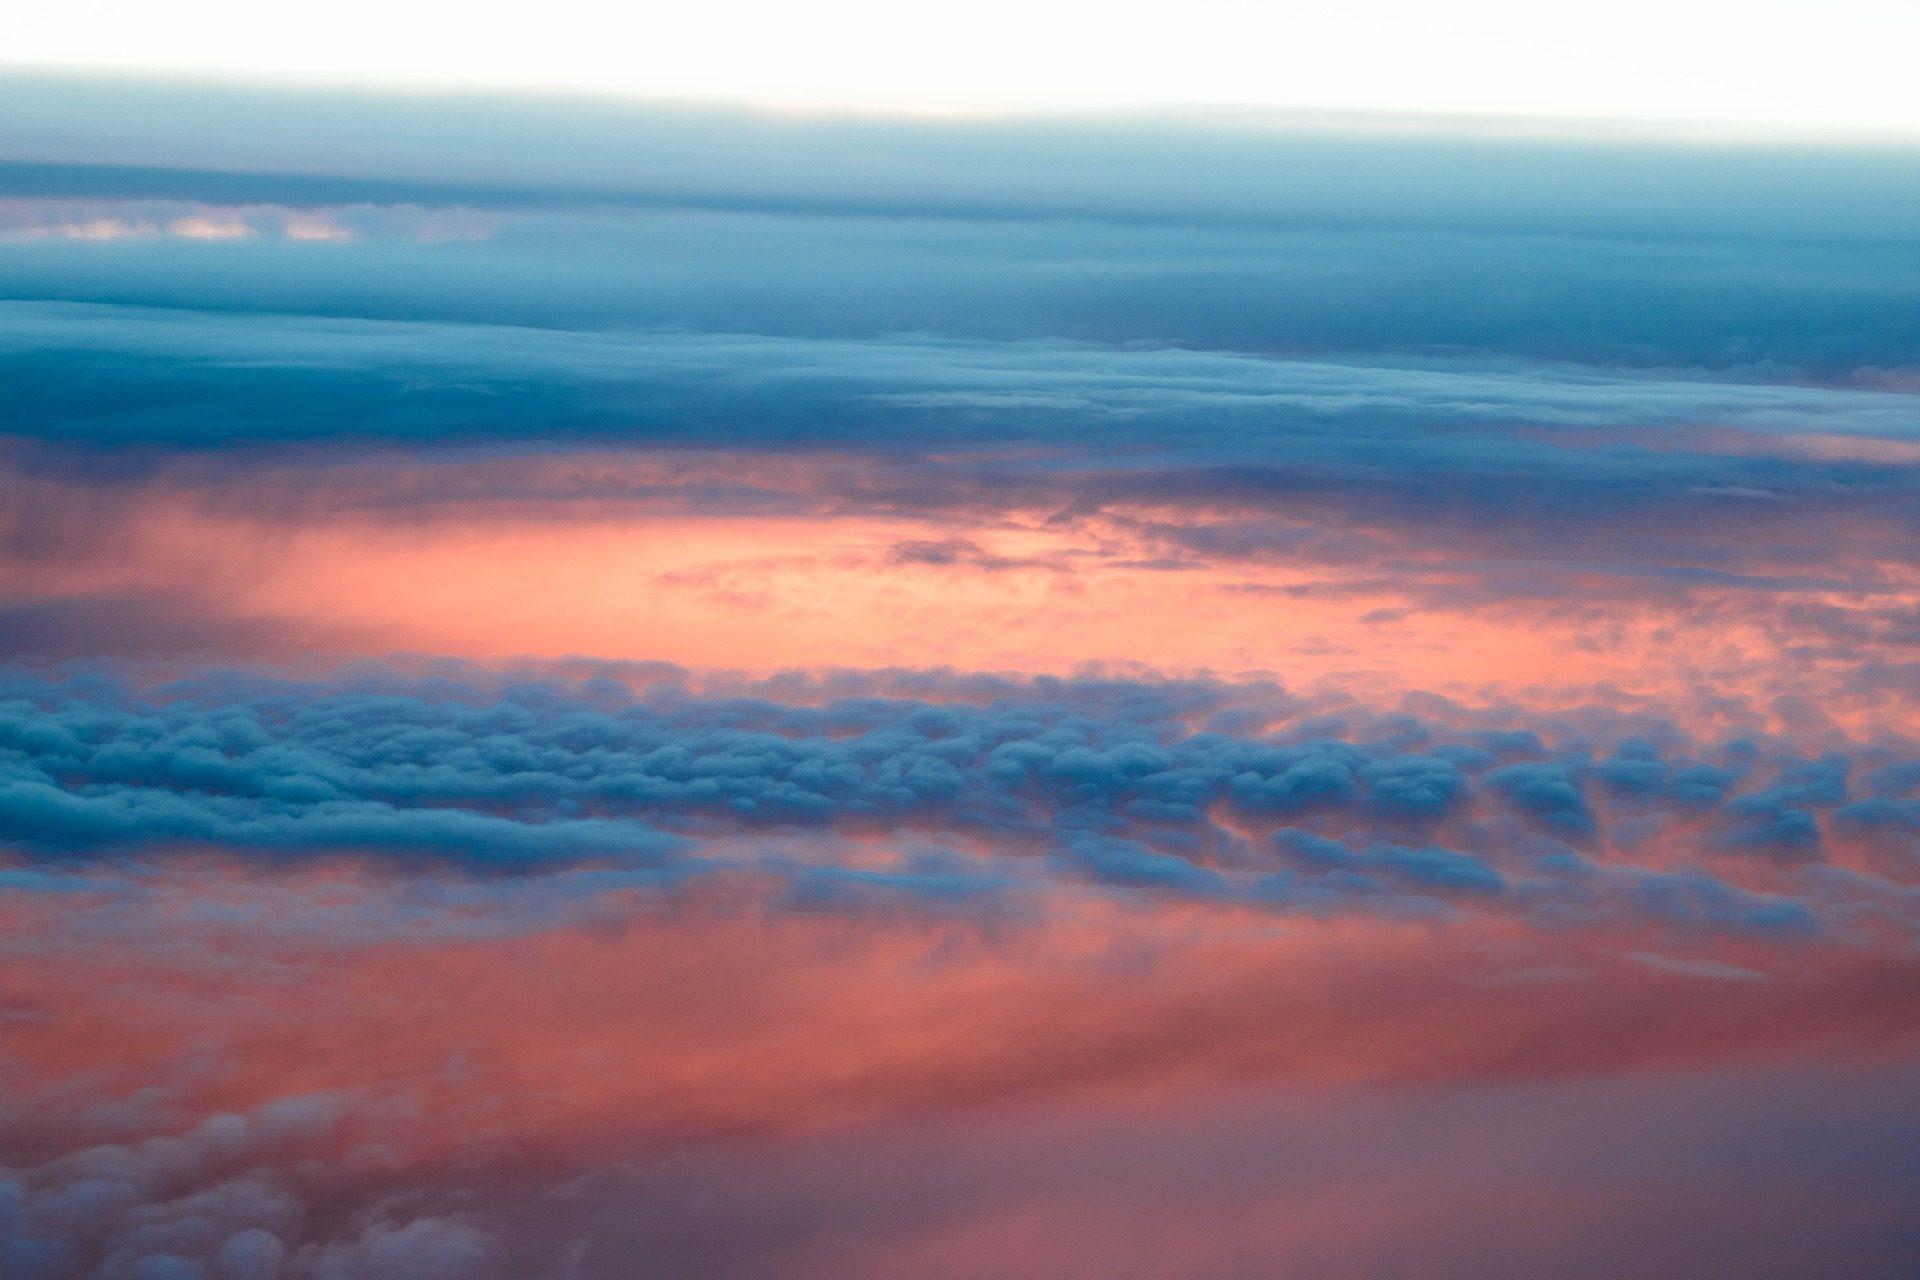 空, 雲, 曇り, クラスター, カラフルです, サンセット - HD の壁紙 - 教授-falken.com